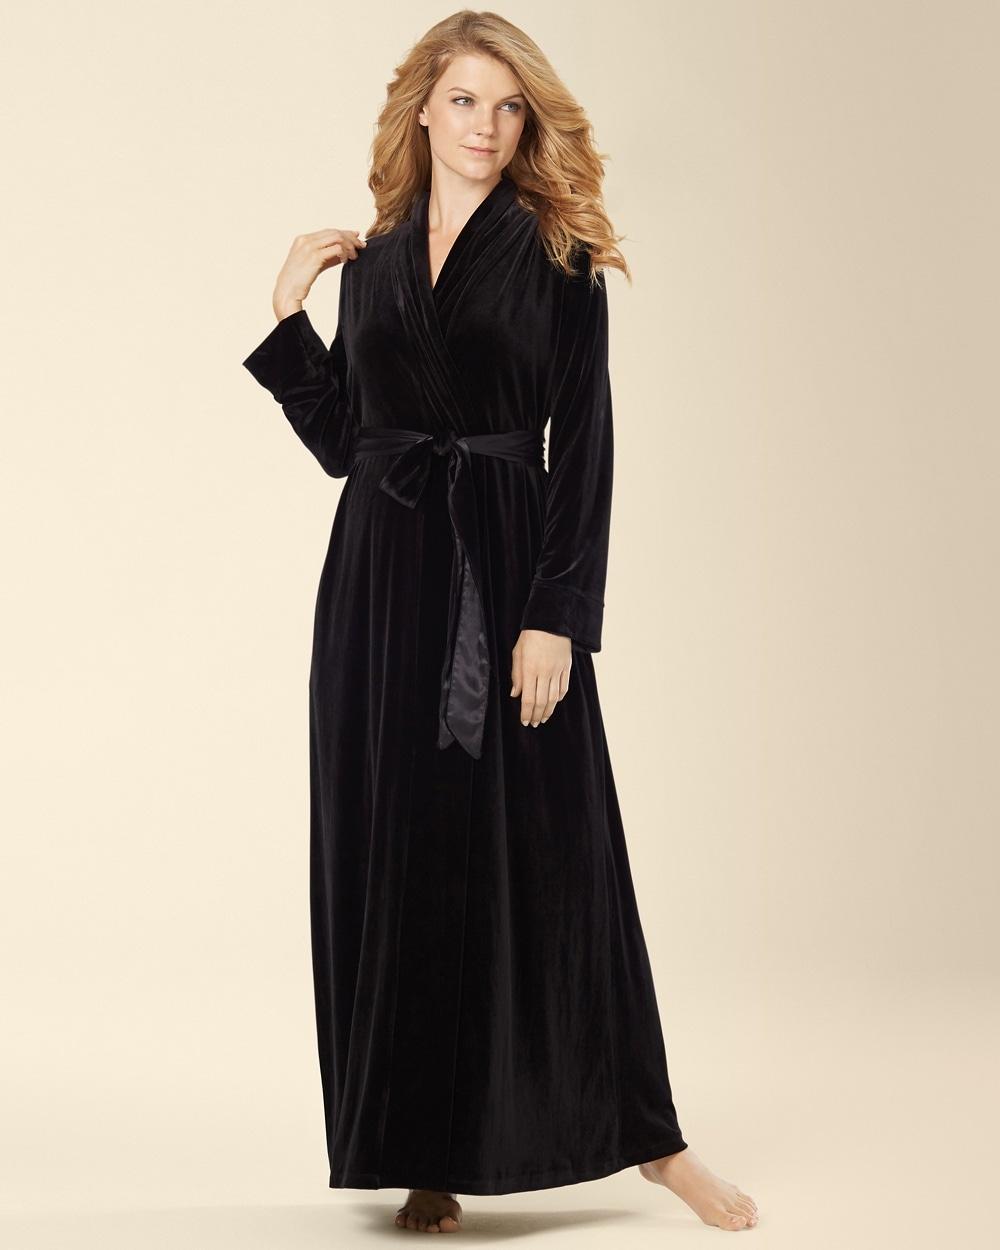 570119630. Video. Zoom. Jonquil Black Velvet Long Robe d25c4e527